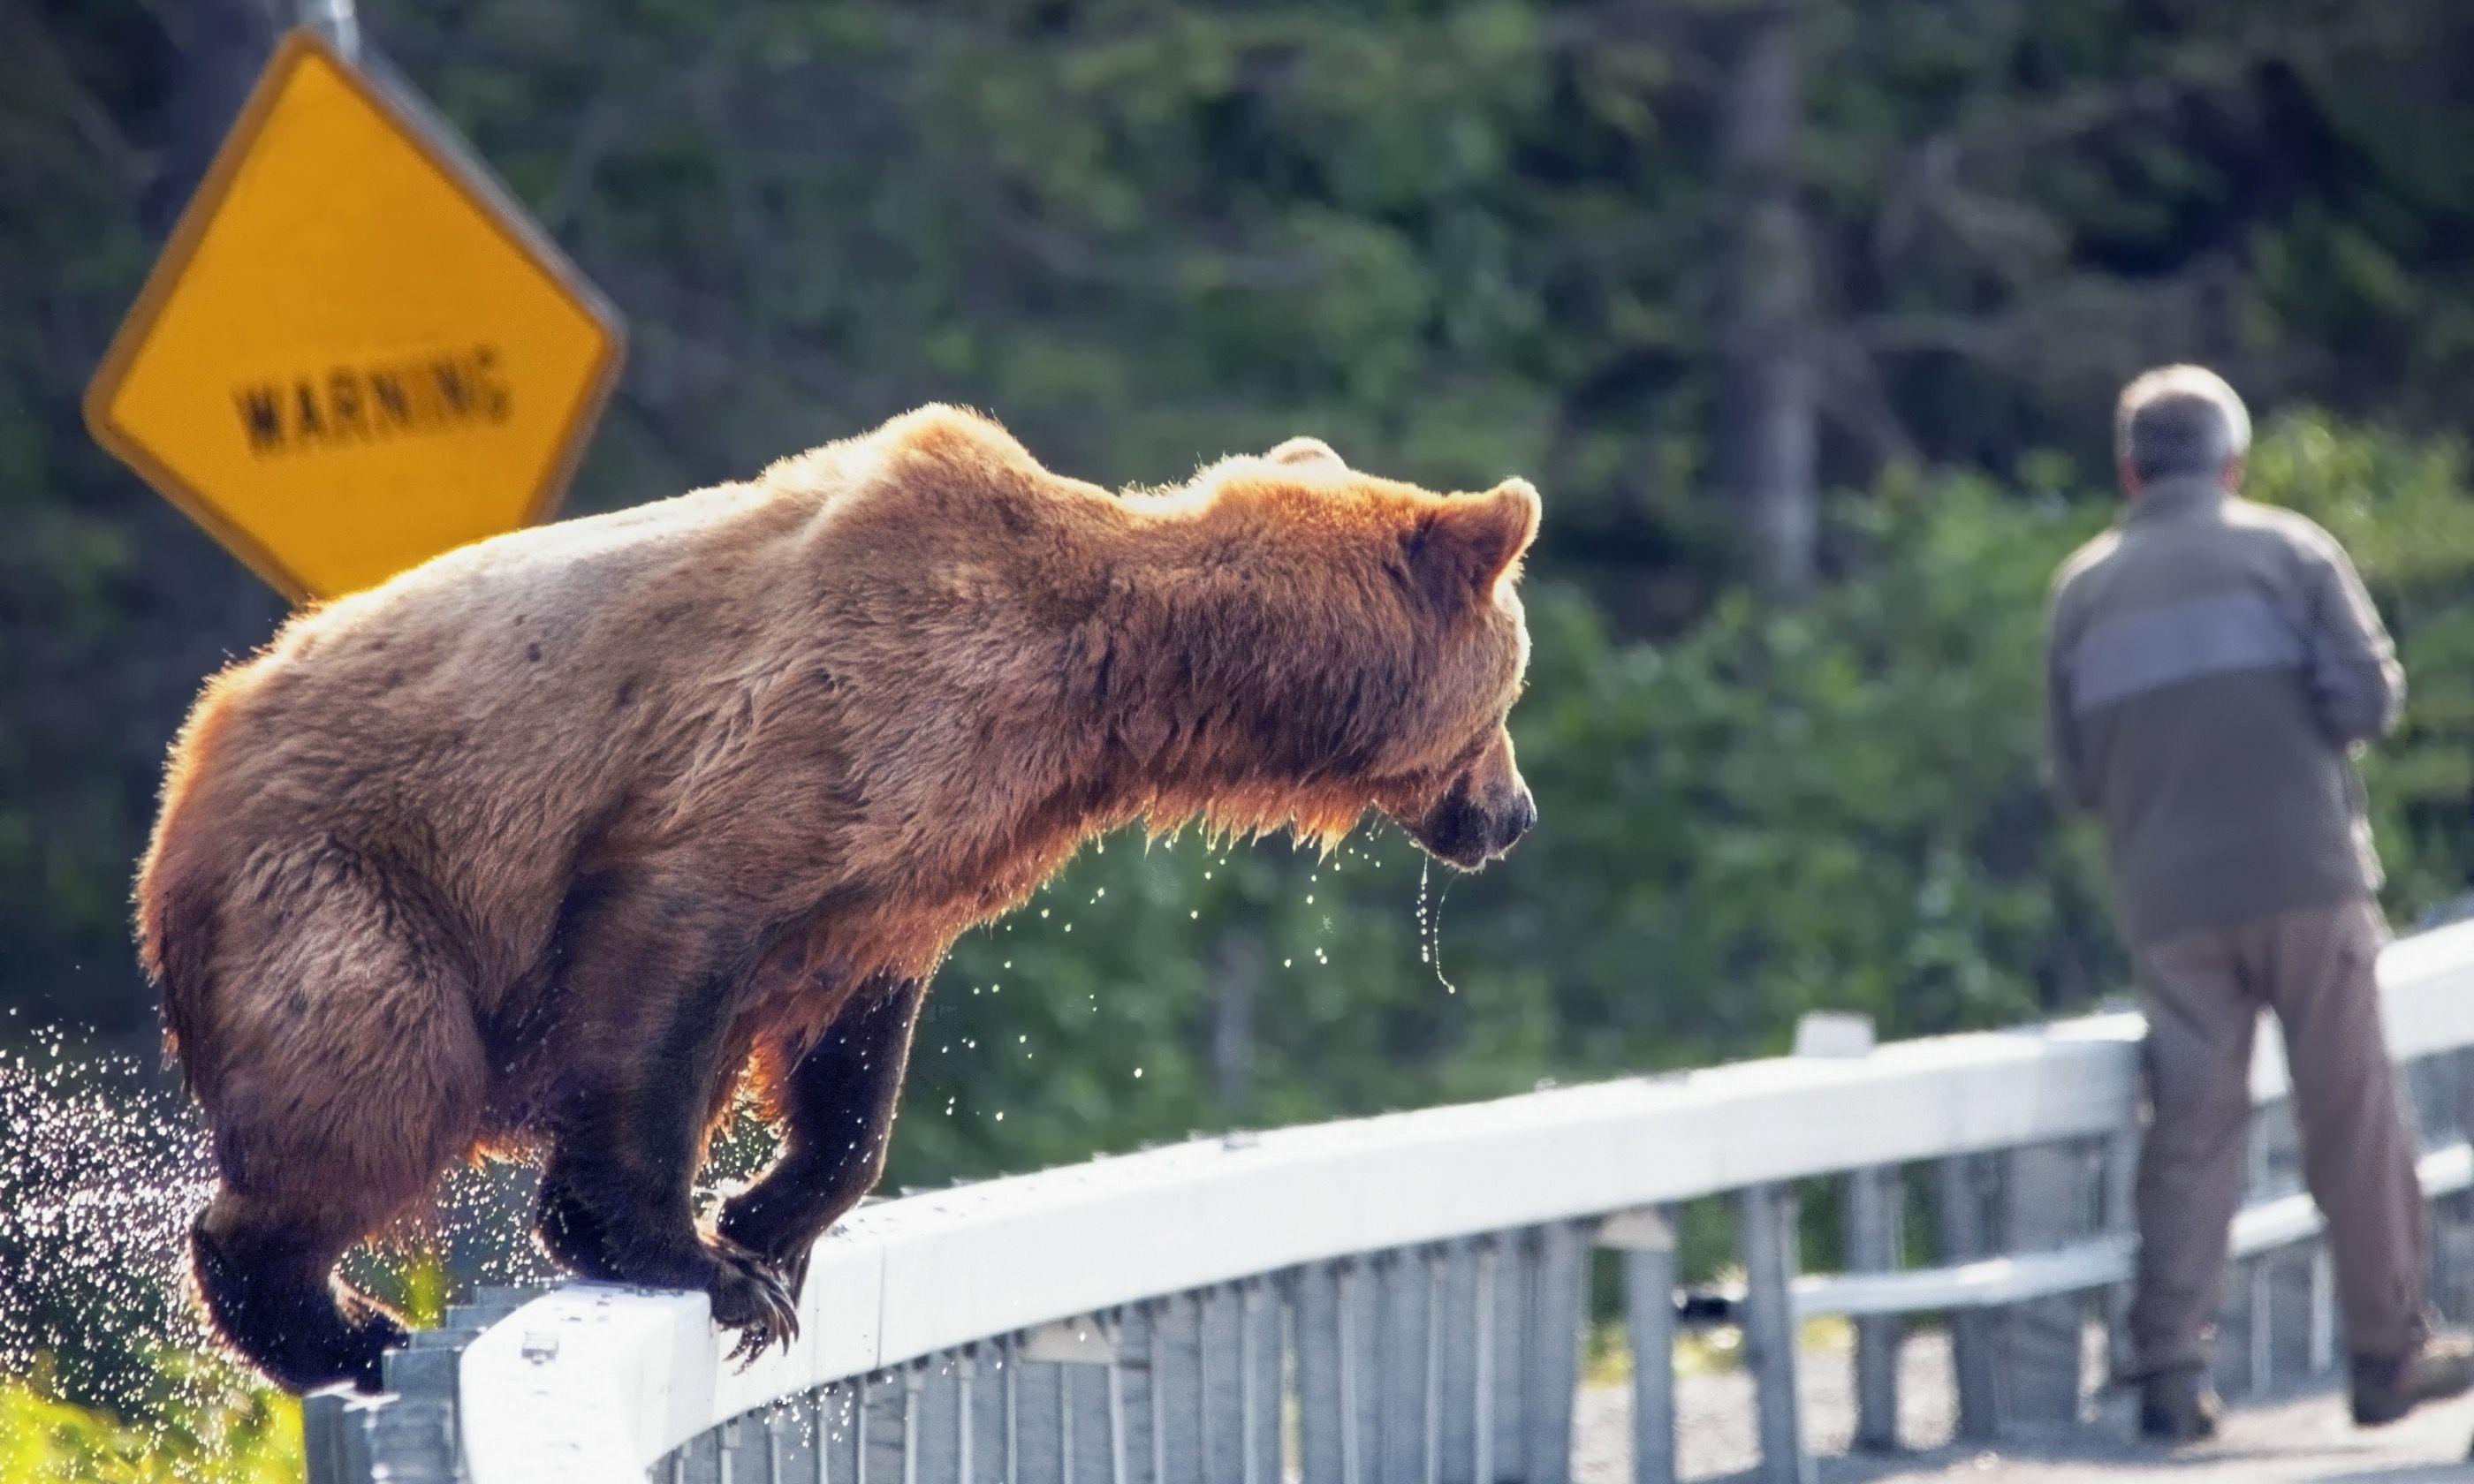 Brown bear near unsuspecting man (Shutterstock.com)